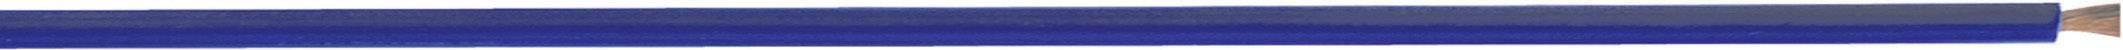 Merací vodič LappKabel 4560054S LiFY, 1 x 2.50 mm², vonkajší Ø 4.20 mm, metrový tovar, modrá